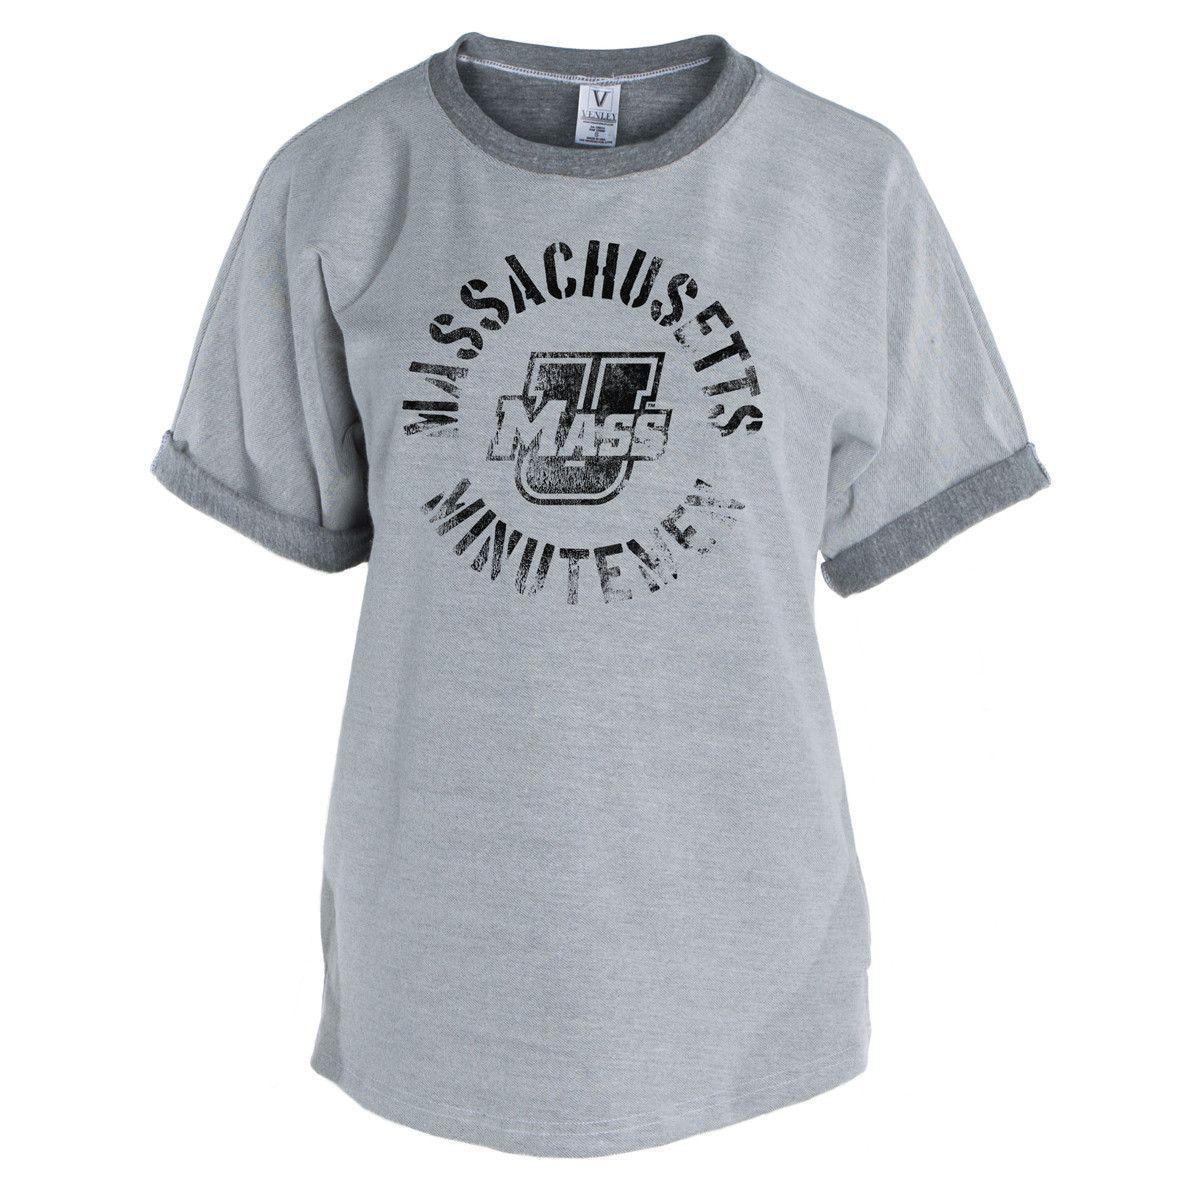 Official Ncaa Umass Minutemen Unisex Tri Blend Short Sleeve T Shirt Shirt Designs Shirts Mens Tops